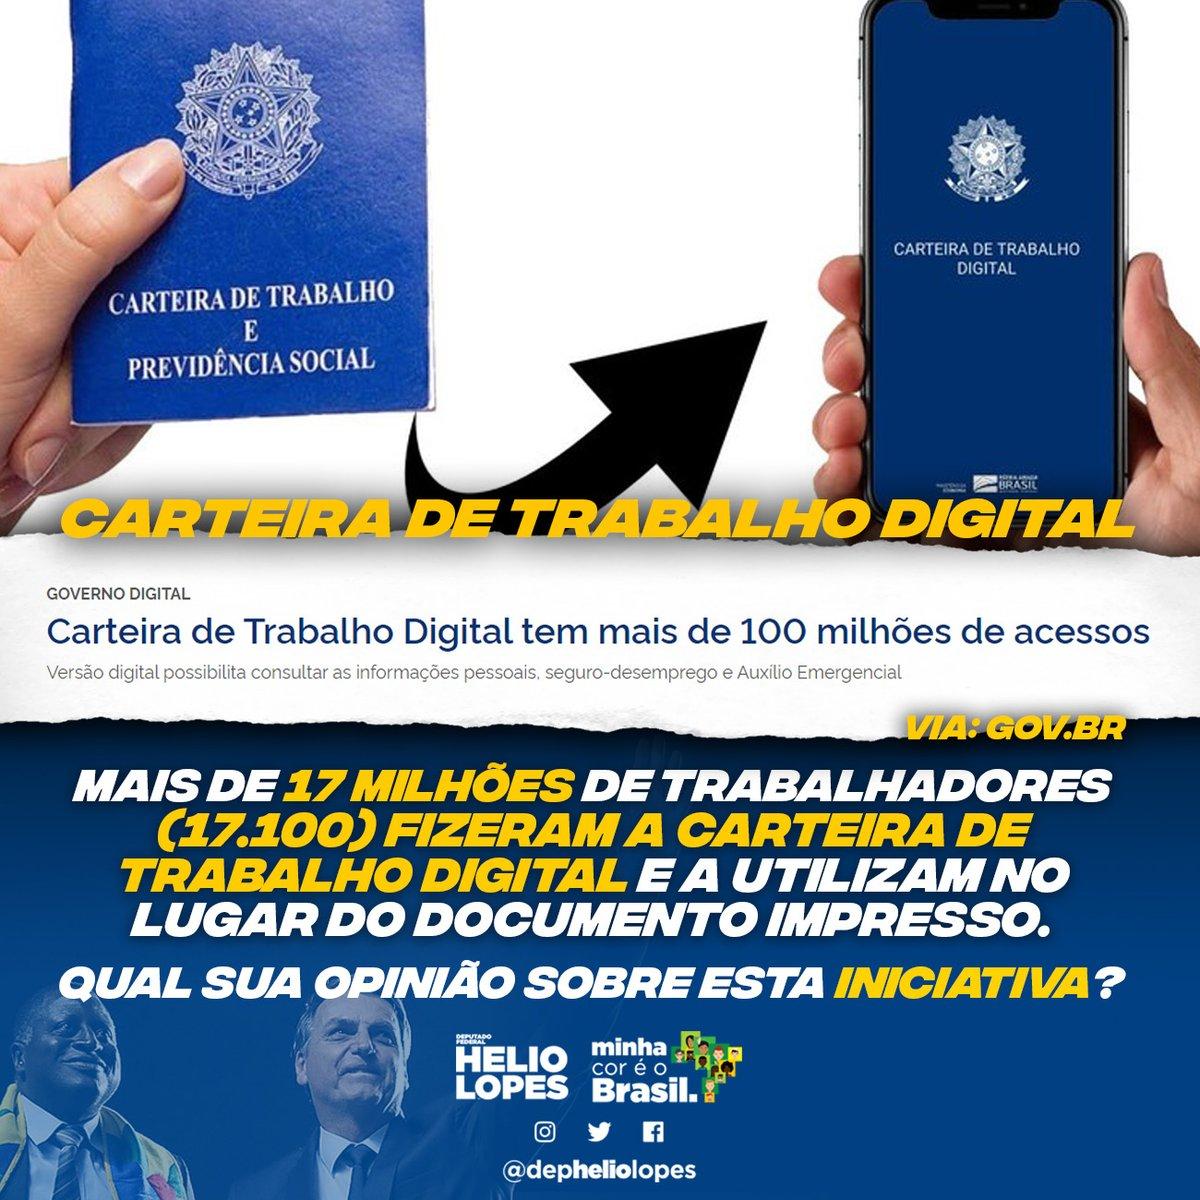 Carteira de Trabalho Digital tem mais de 100 milhões de acessos. #fechadocombolsonaro #ptnuncamais #depheliolopes #minhacoréobrasil